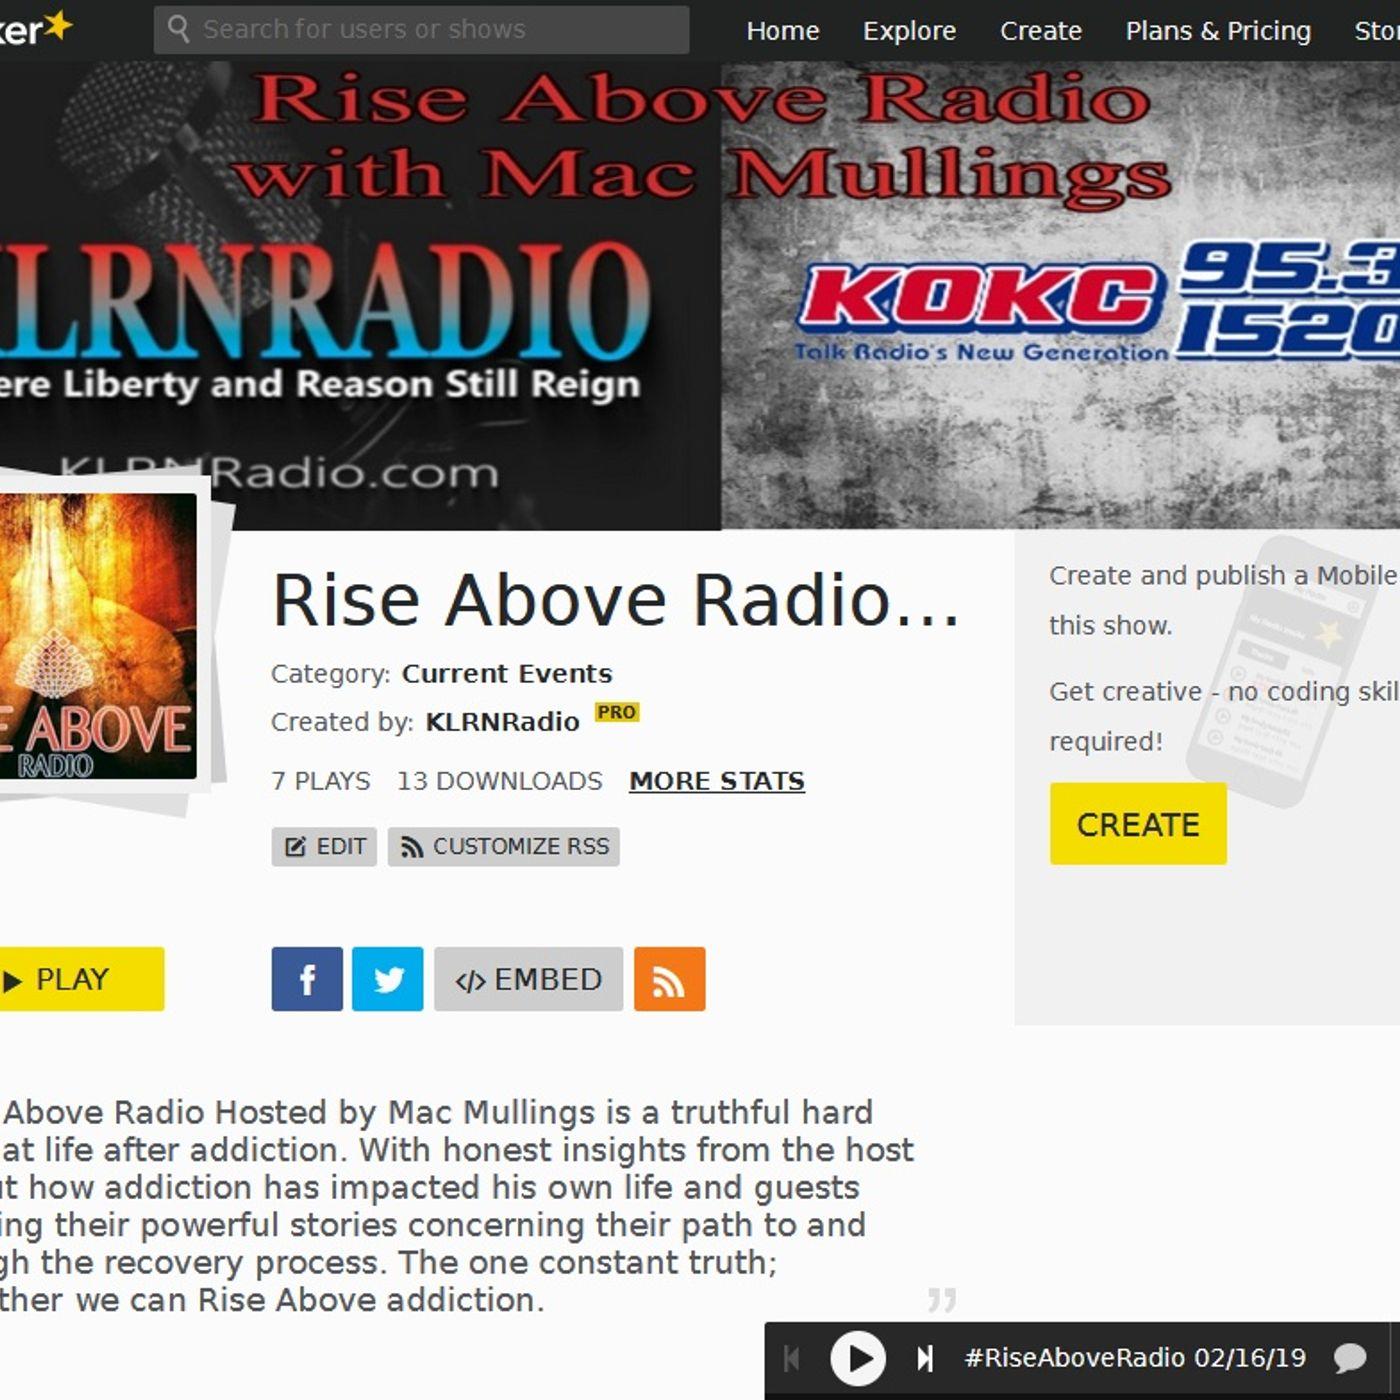 #RiseAboveRadio 07-27-19